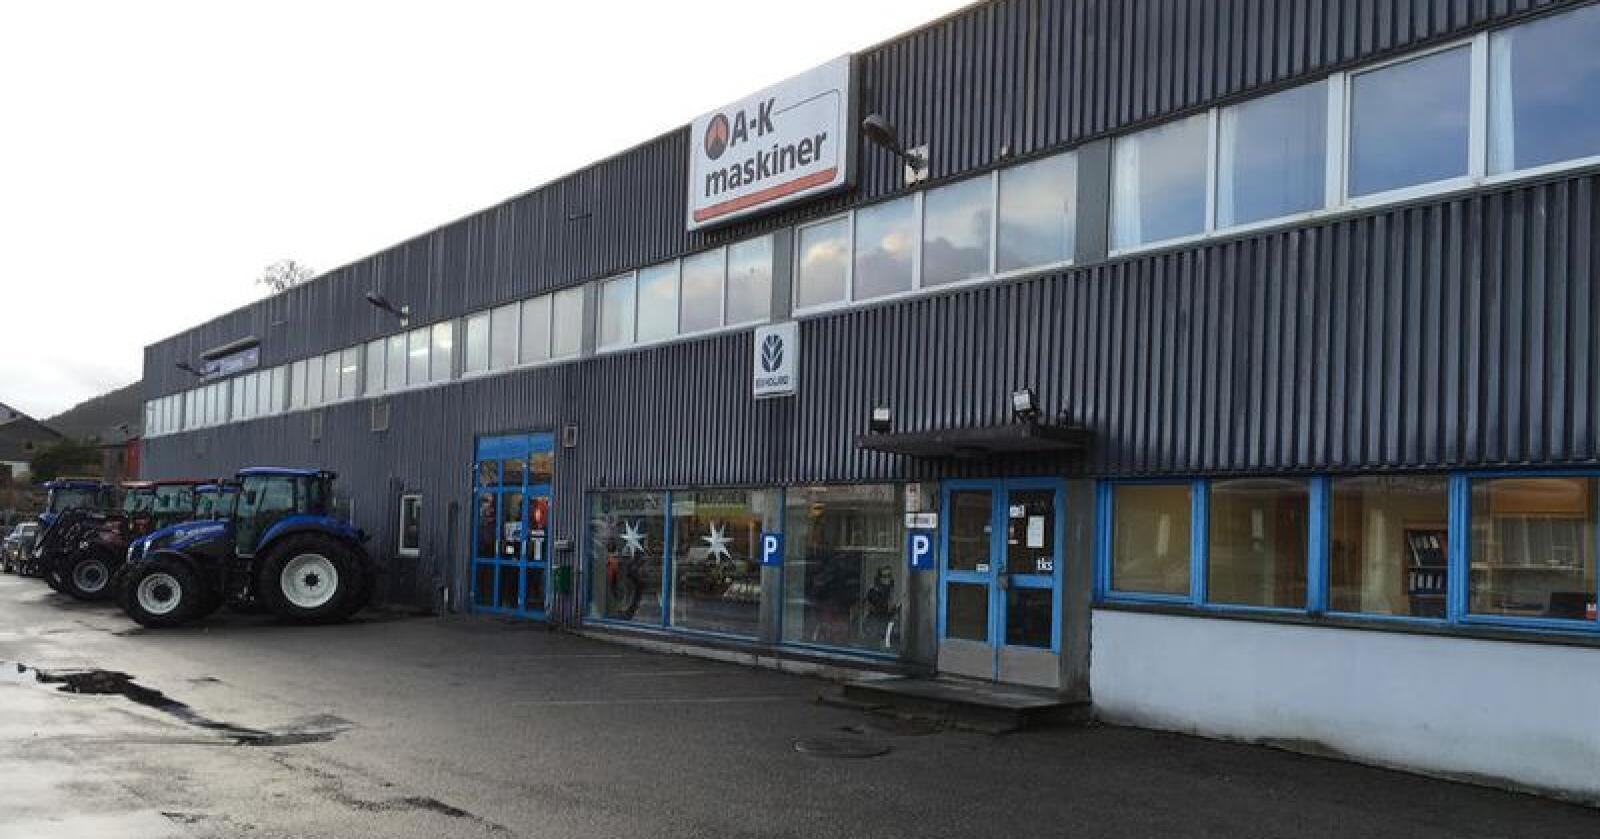 A-K Maskiners avdeling i Bergen har over flere år slitt med underskudd og svak omsetning. (Foto: A-K maskiner AS)